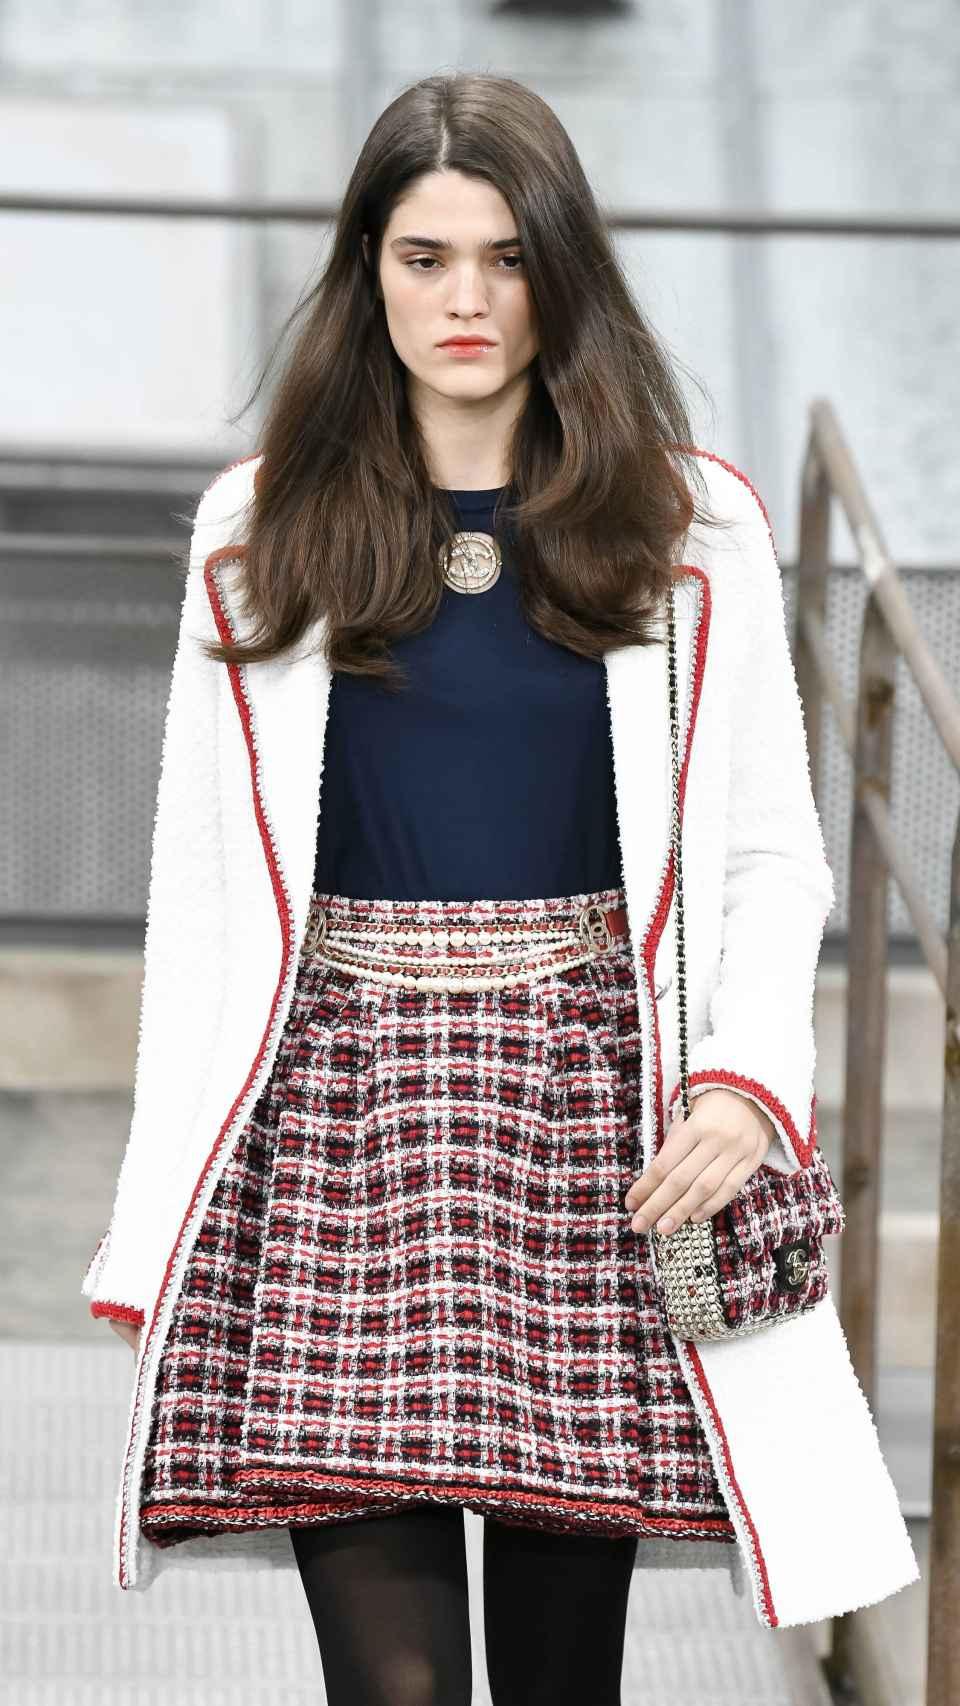 Modelo desfilando en París para Chanel.